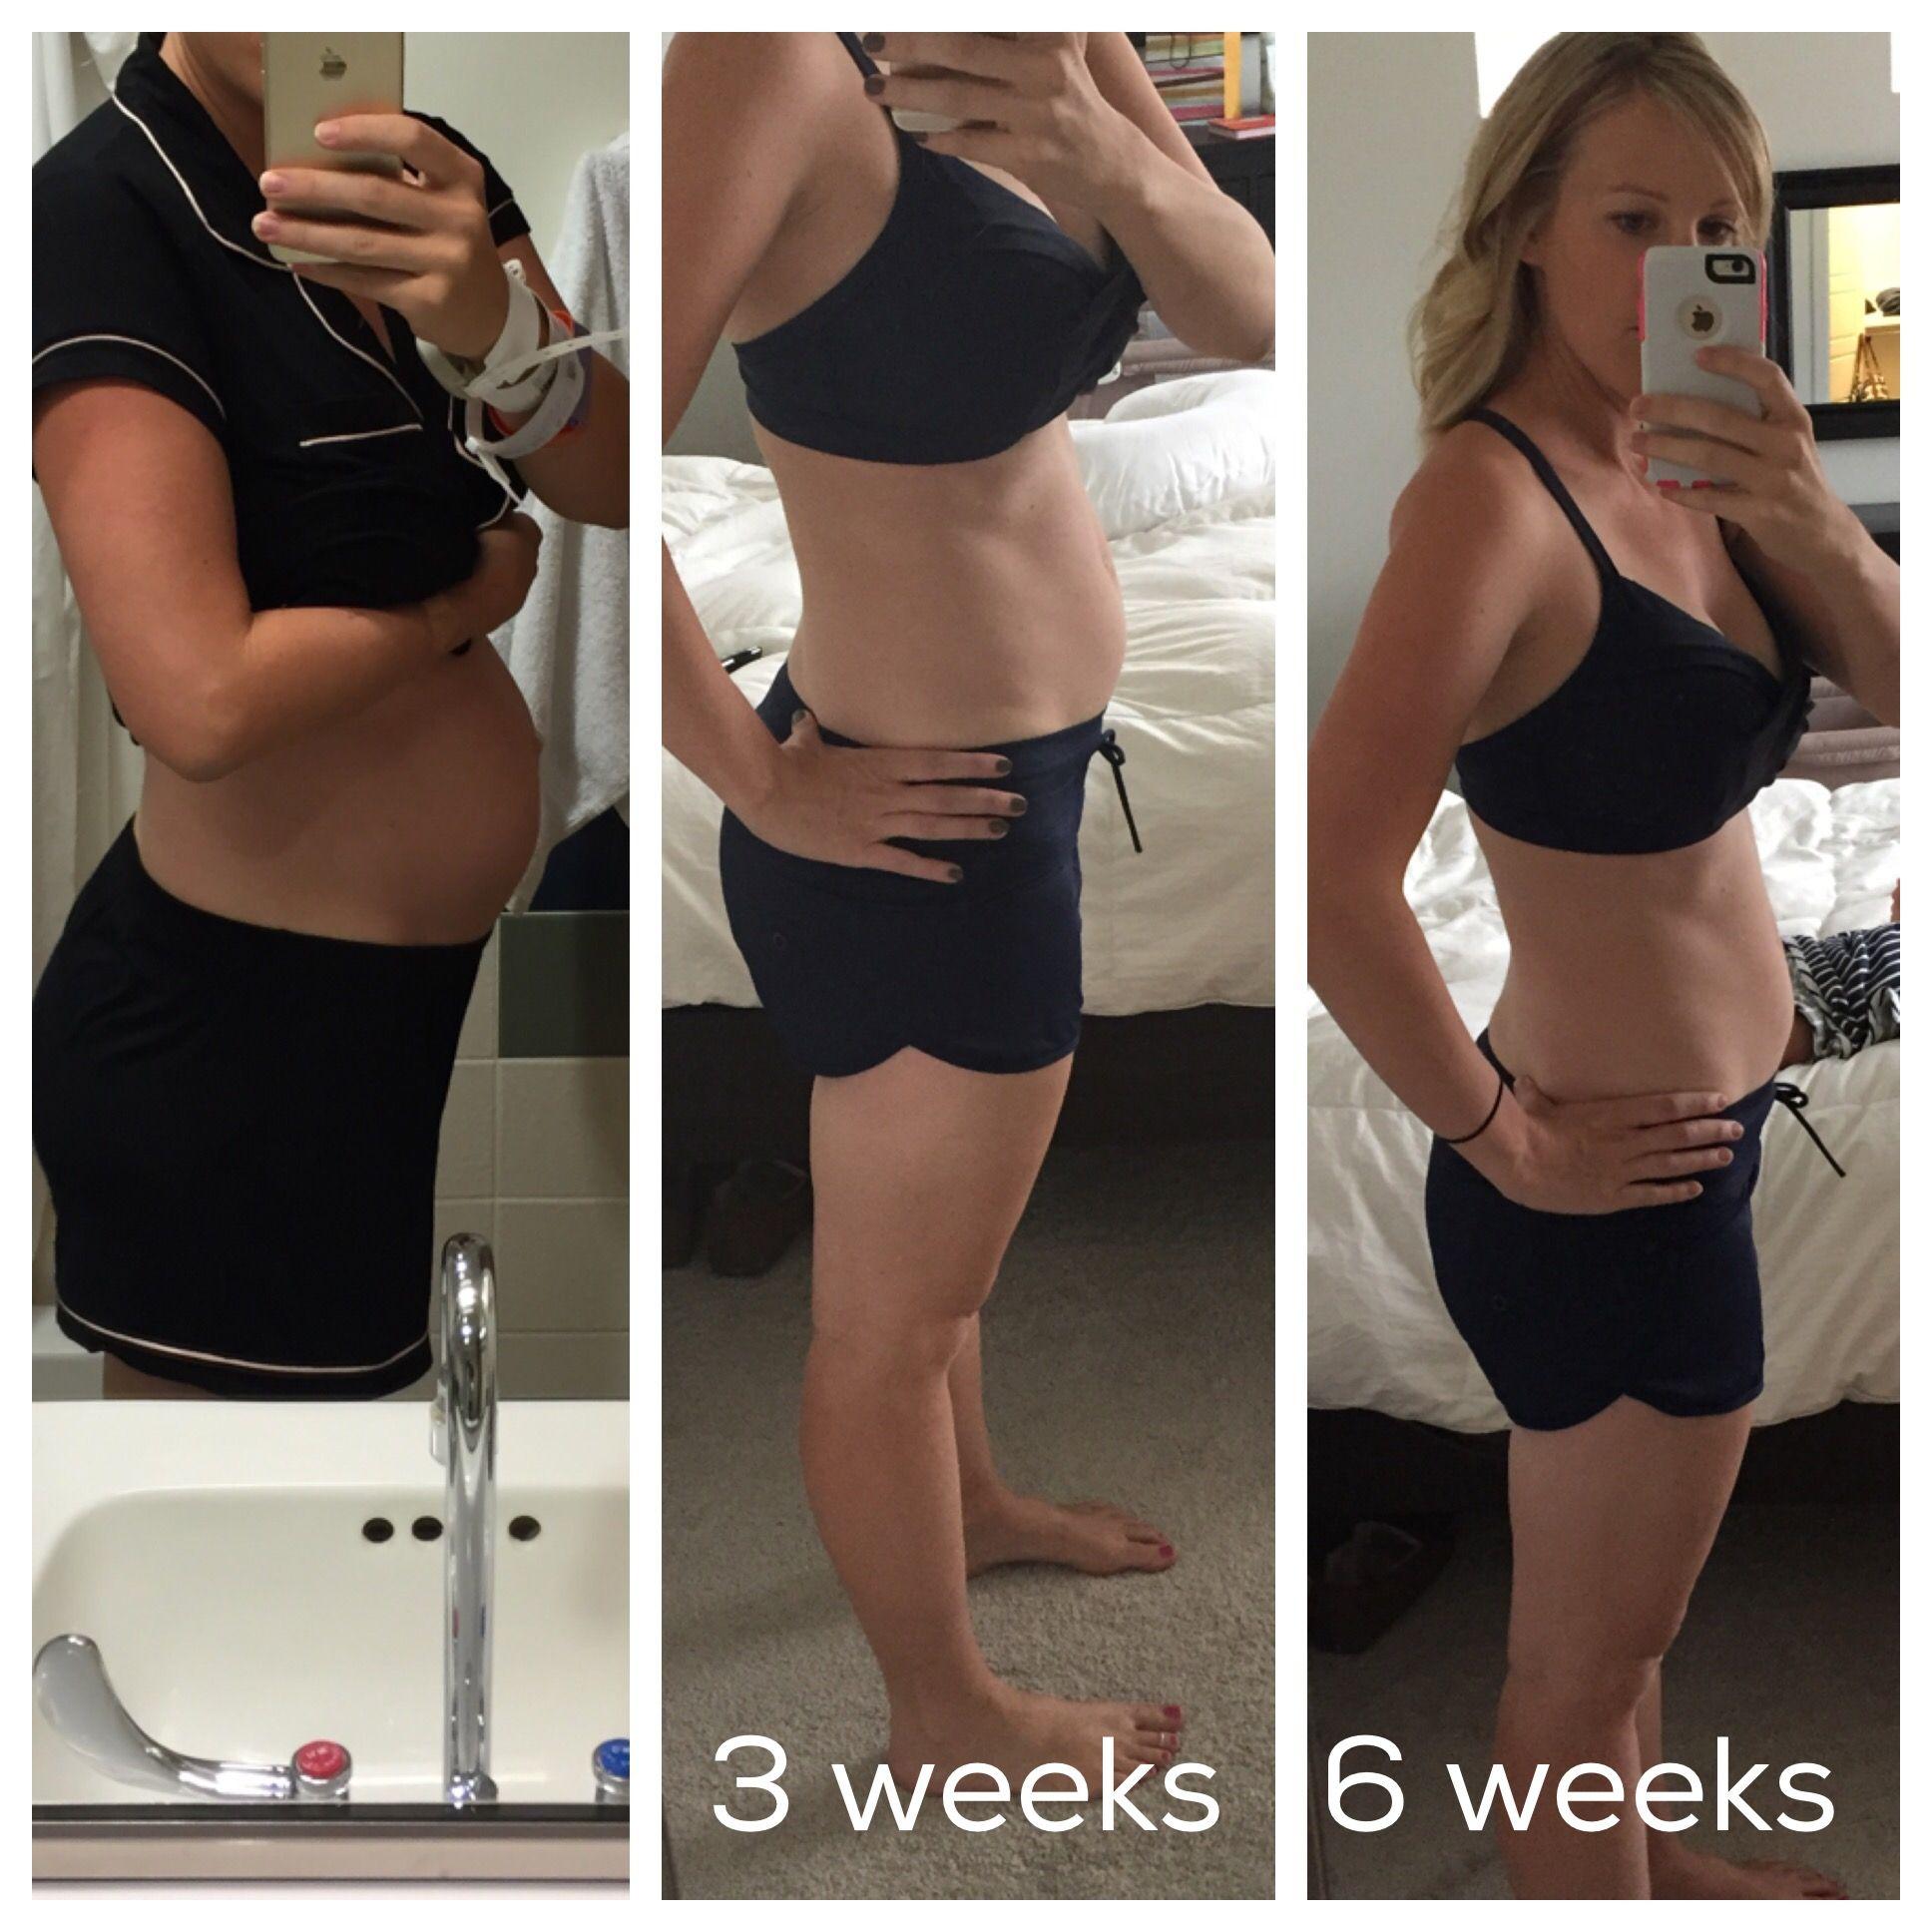 Easiest way to lose weight fast in 2 weeks salegoods pinterest easiest way to lose weight fast in 2 weeks ccuart Gallery